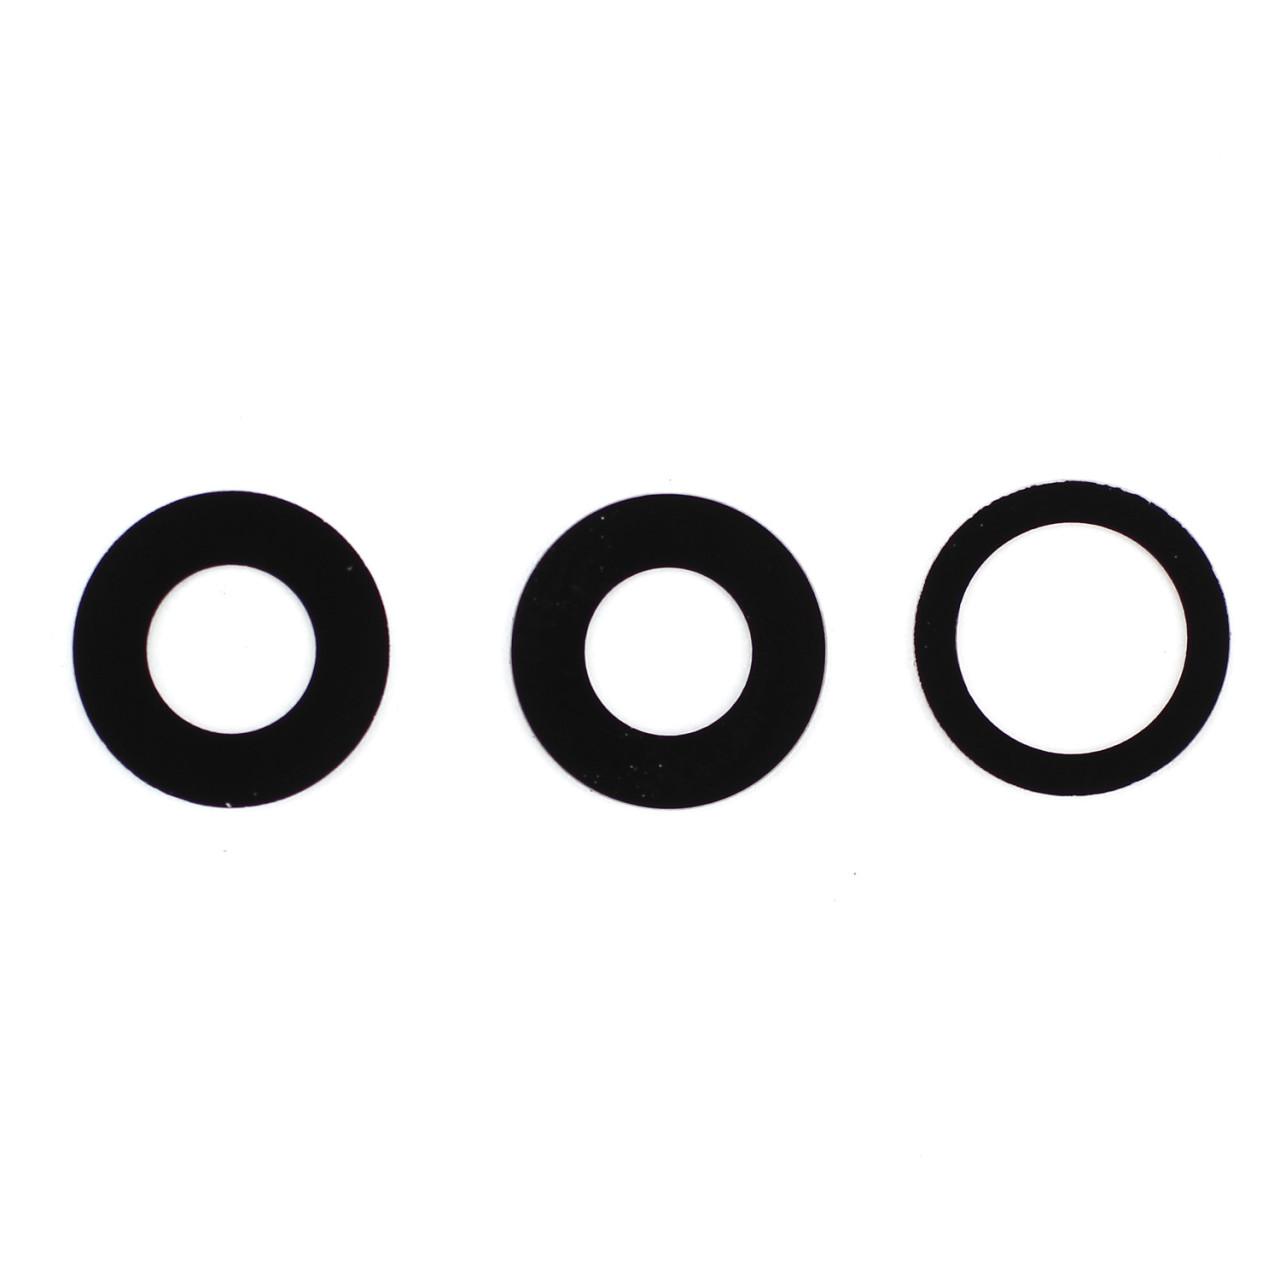 Apple Hauptkamera-Linsen mit Klebesticker, passend für iPhone 12 Pro